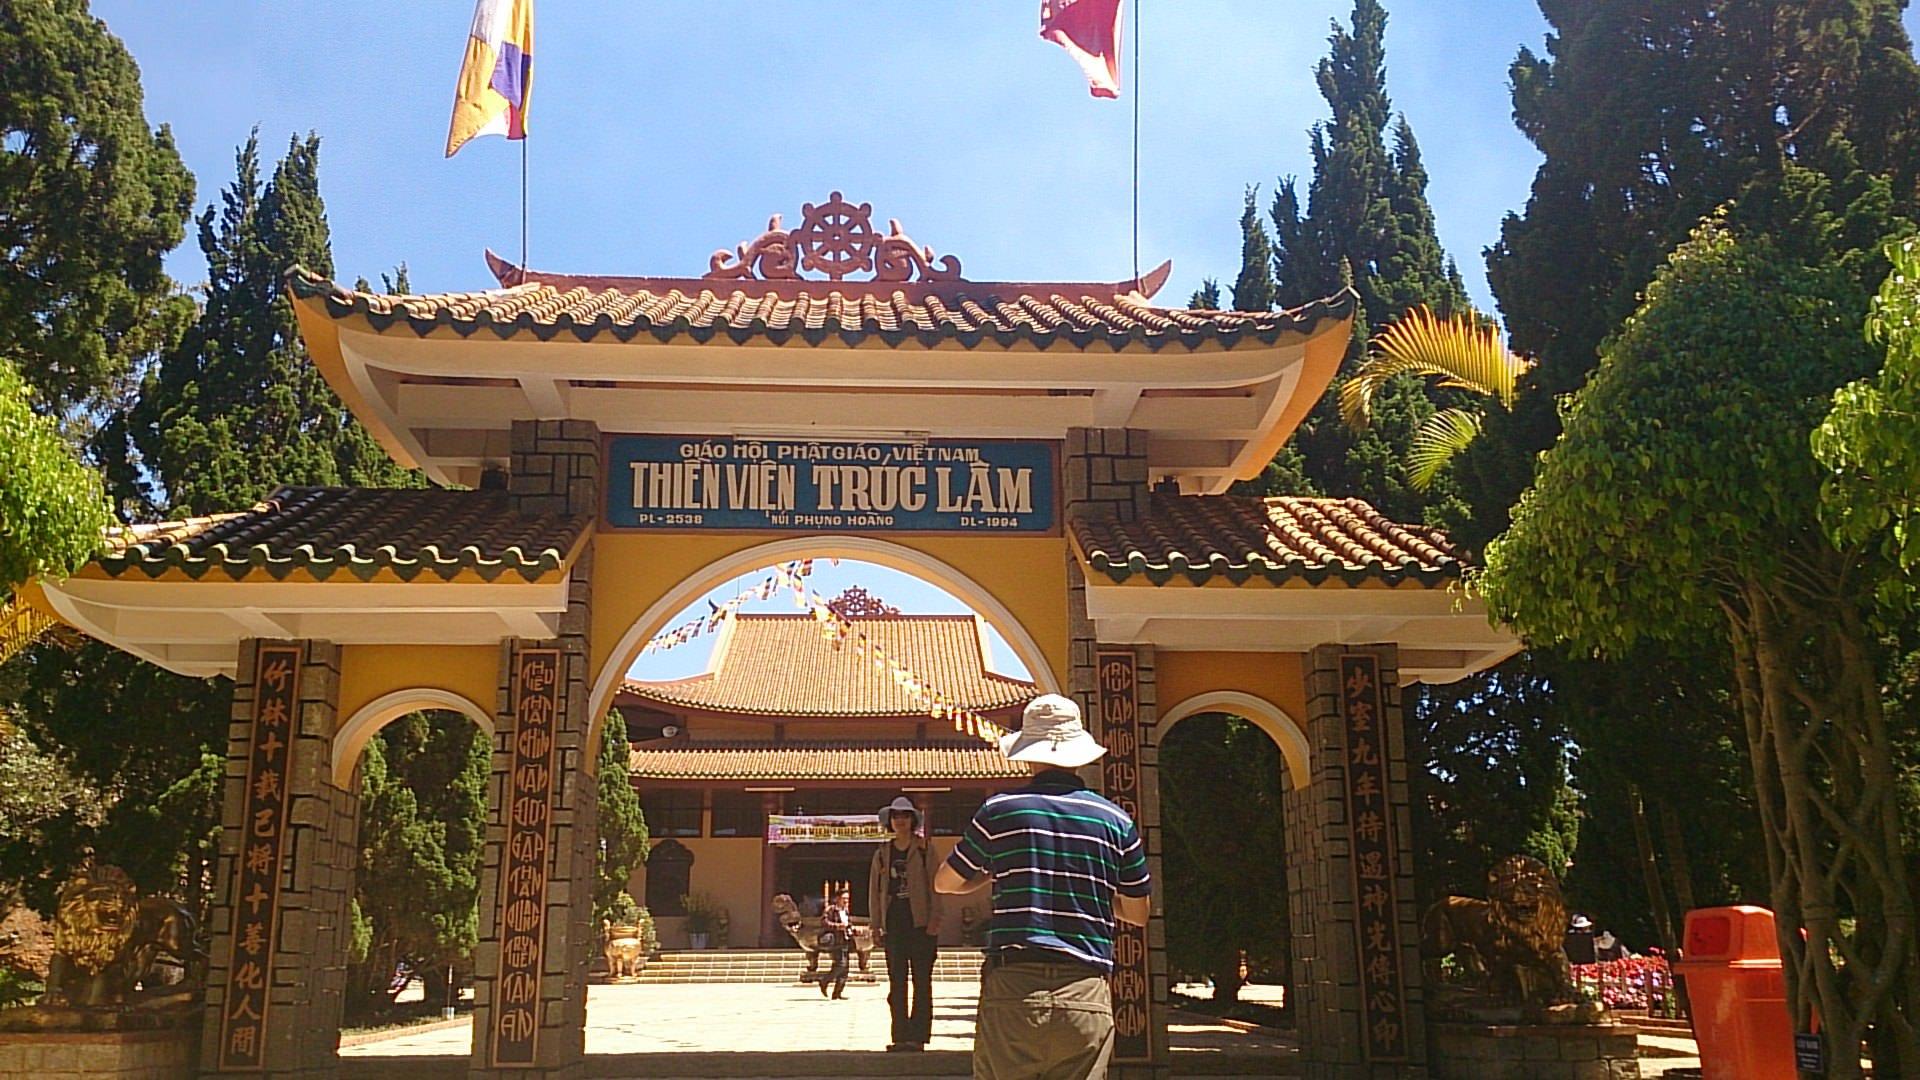 ケーブルカーに乗って自然溢れる竹林禅寺とダタンラ滝へ